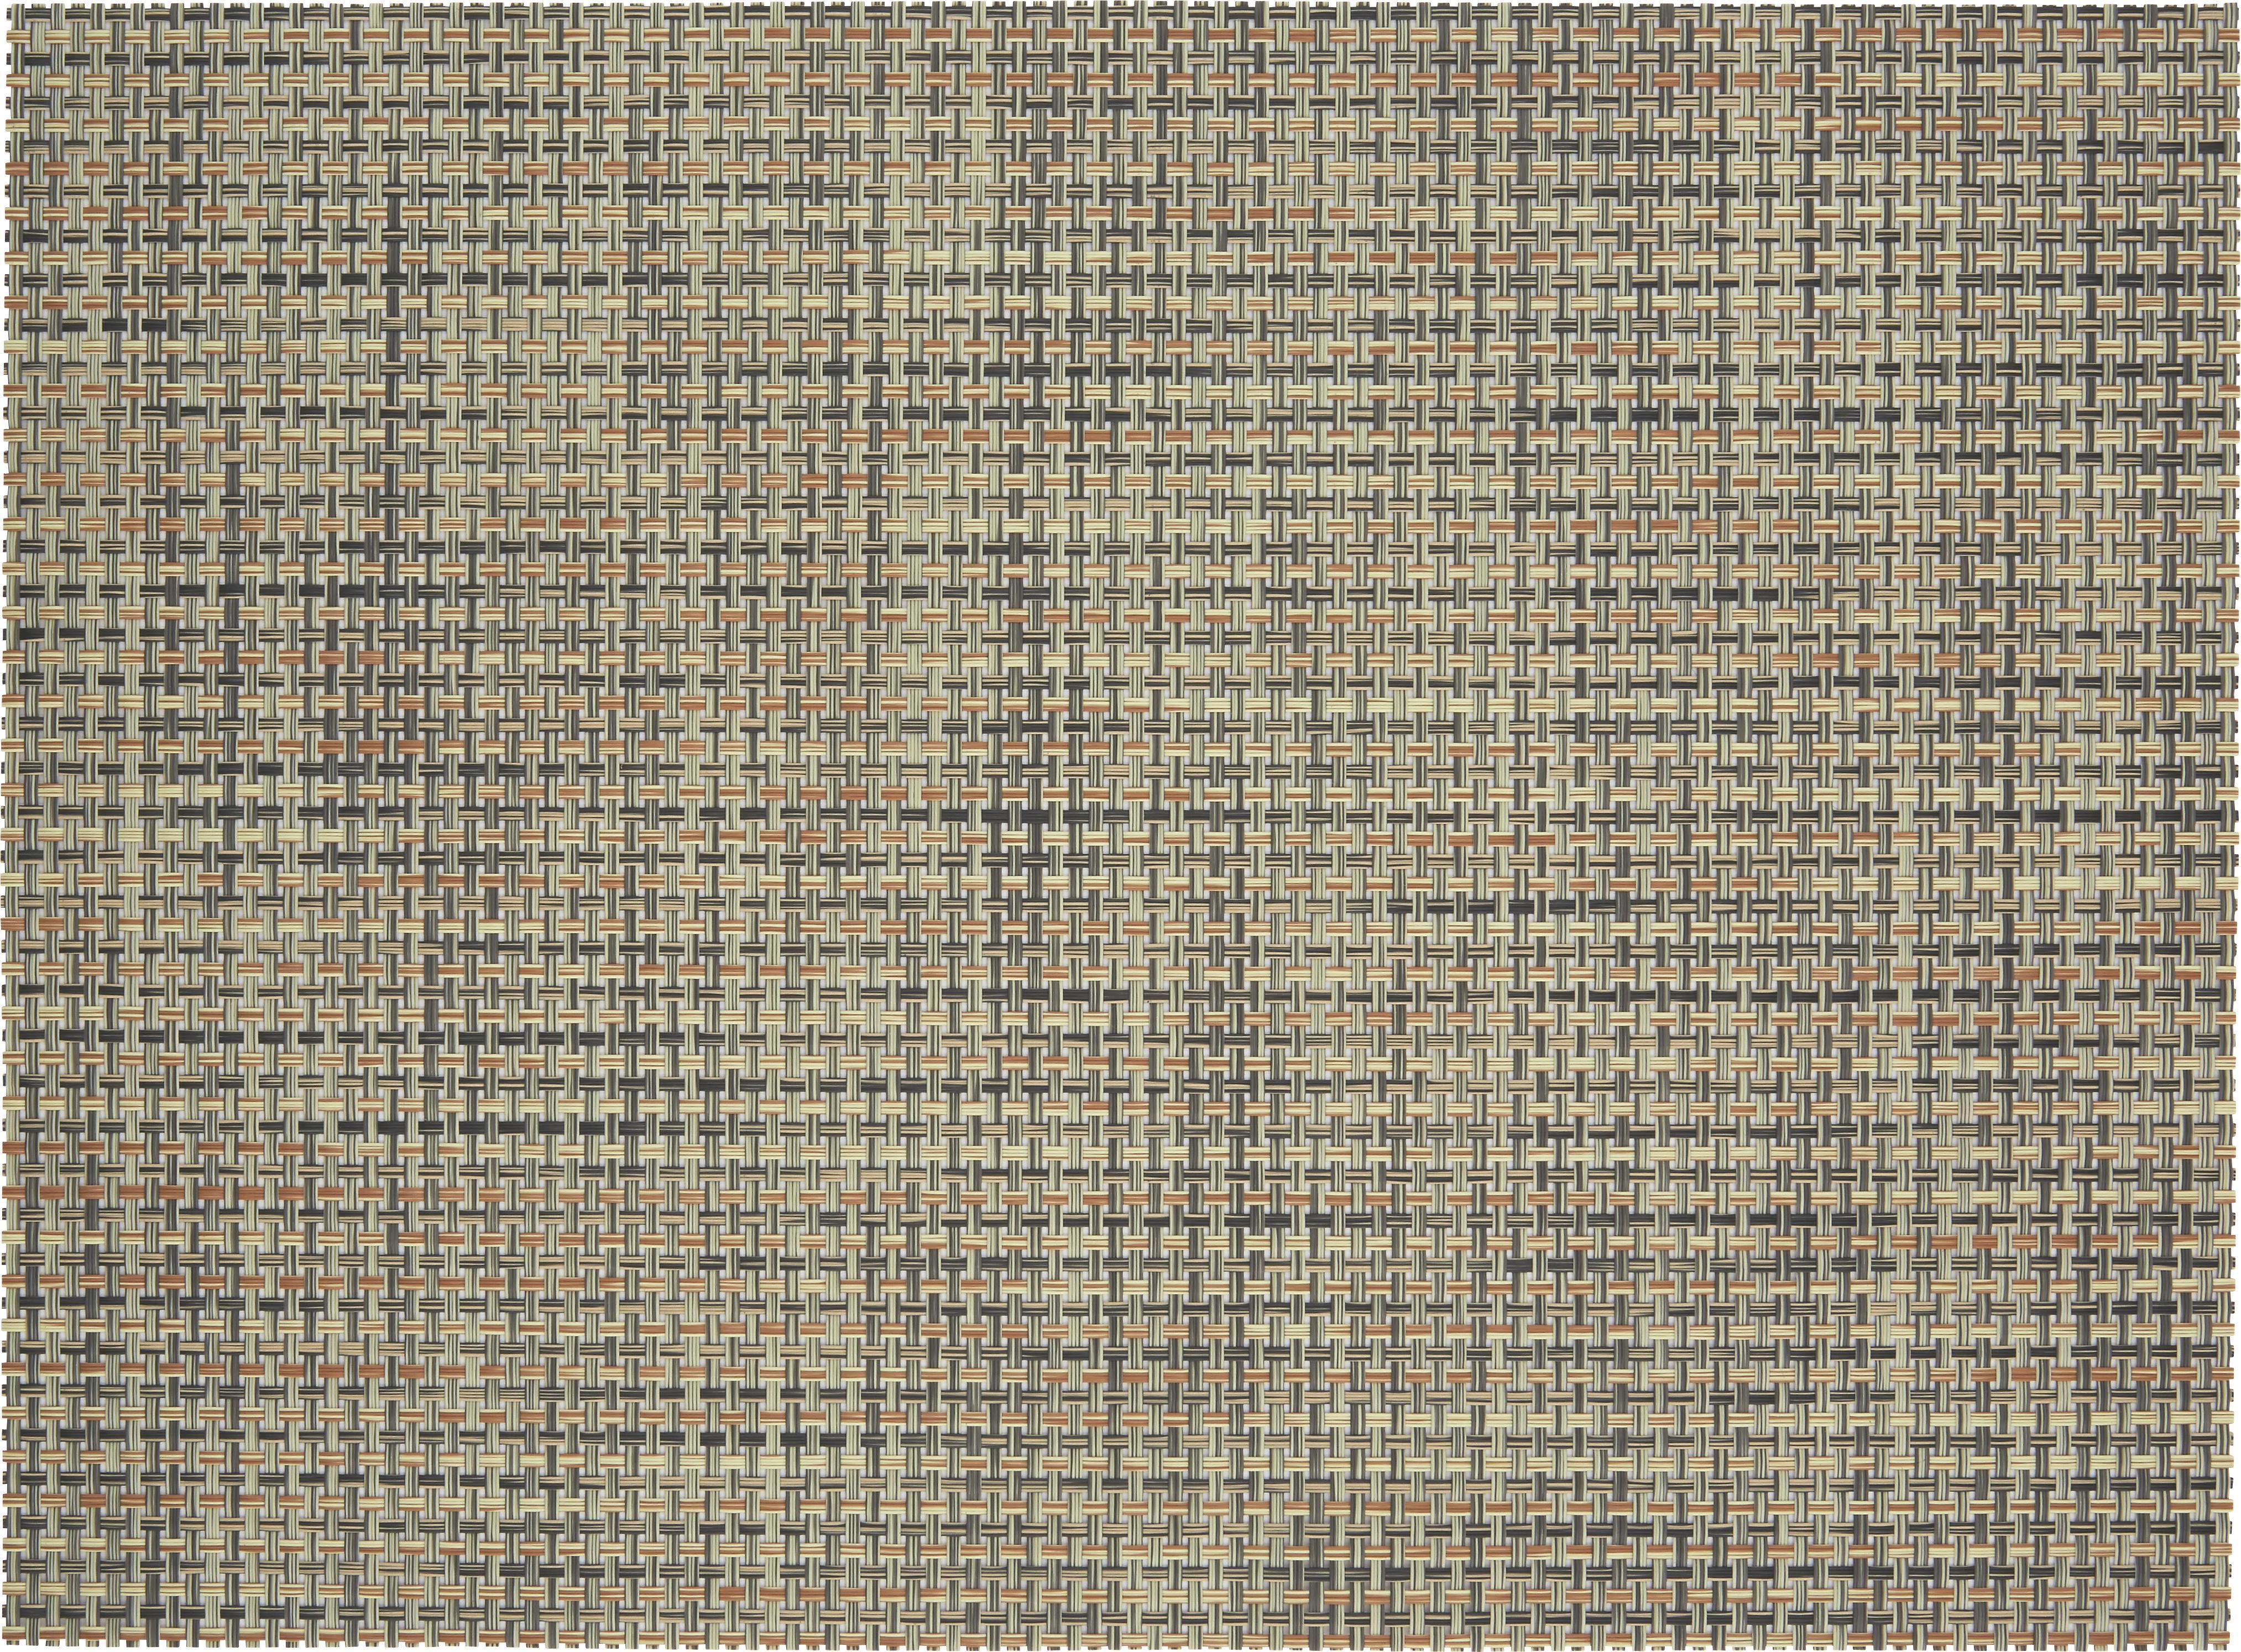 Asztali Szett Multi - bézs/barna, műanyag (33/45cm) - MÖMAX modern living